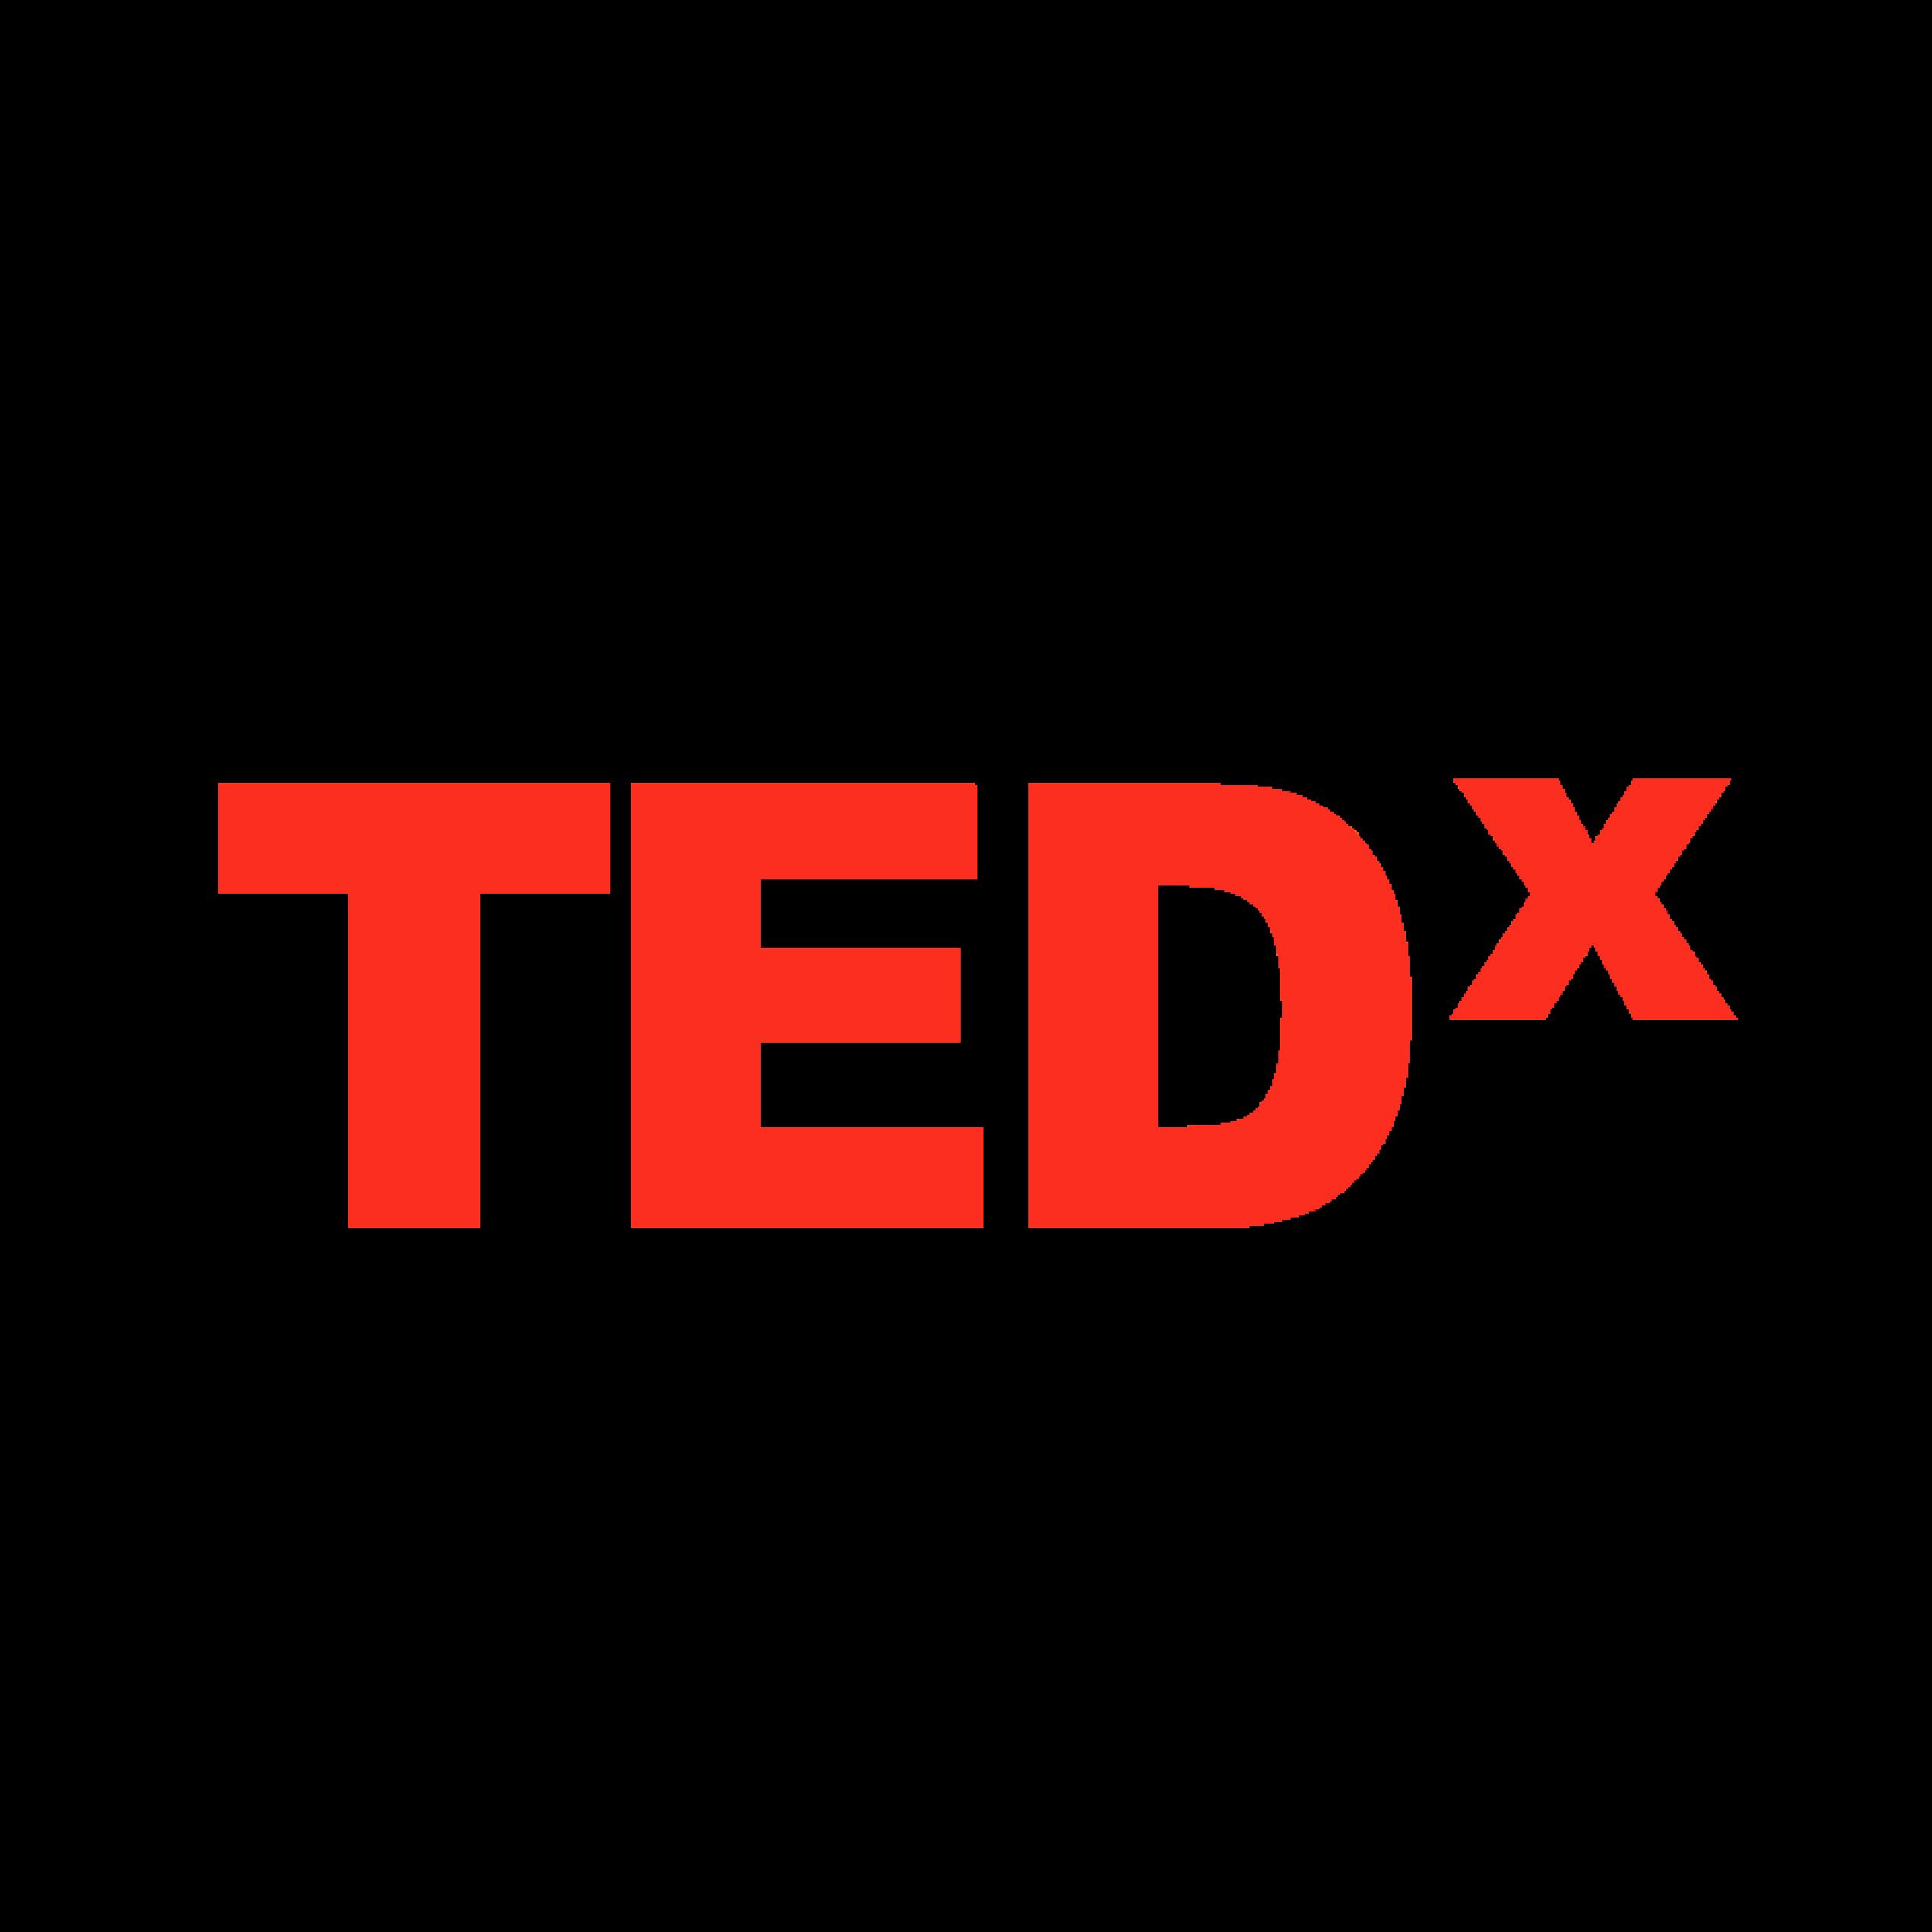 tedx-11